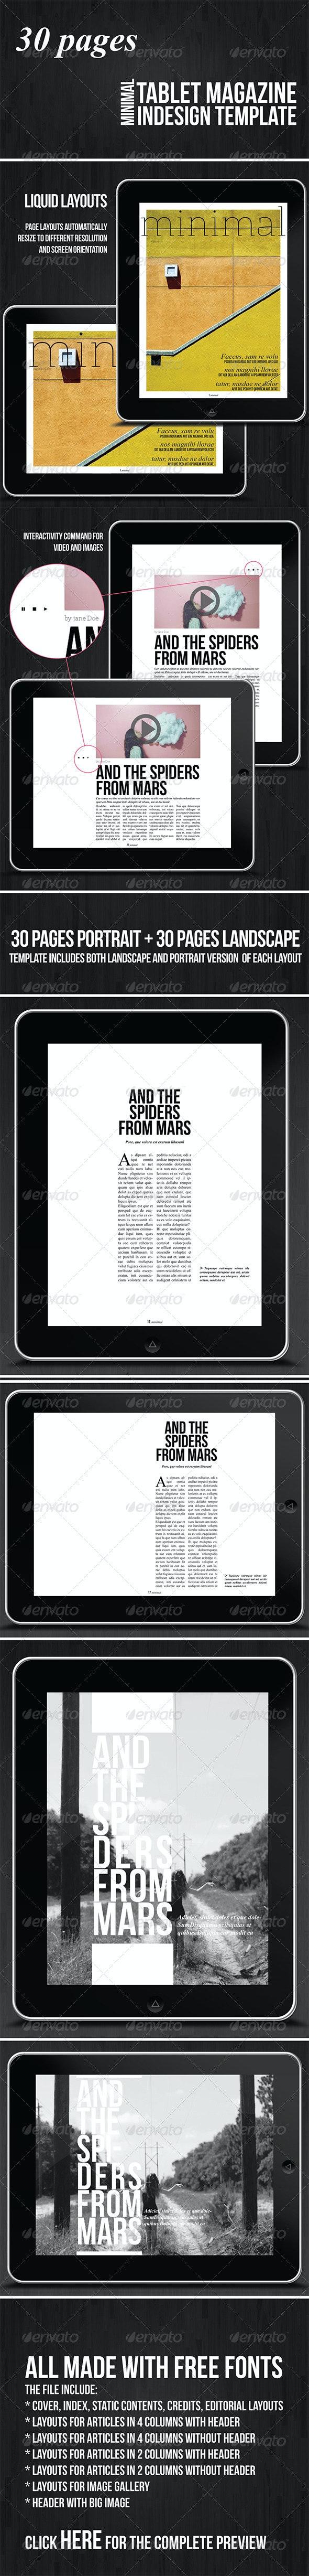 Tablet 30 Pages Minimal Magazine - Digital Magazines ePublishing